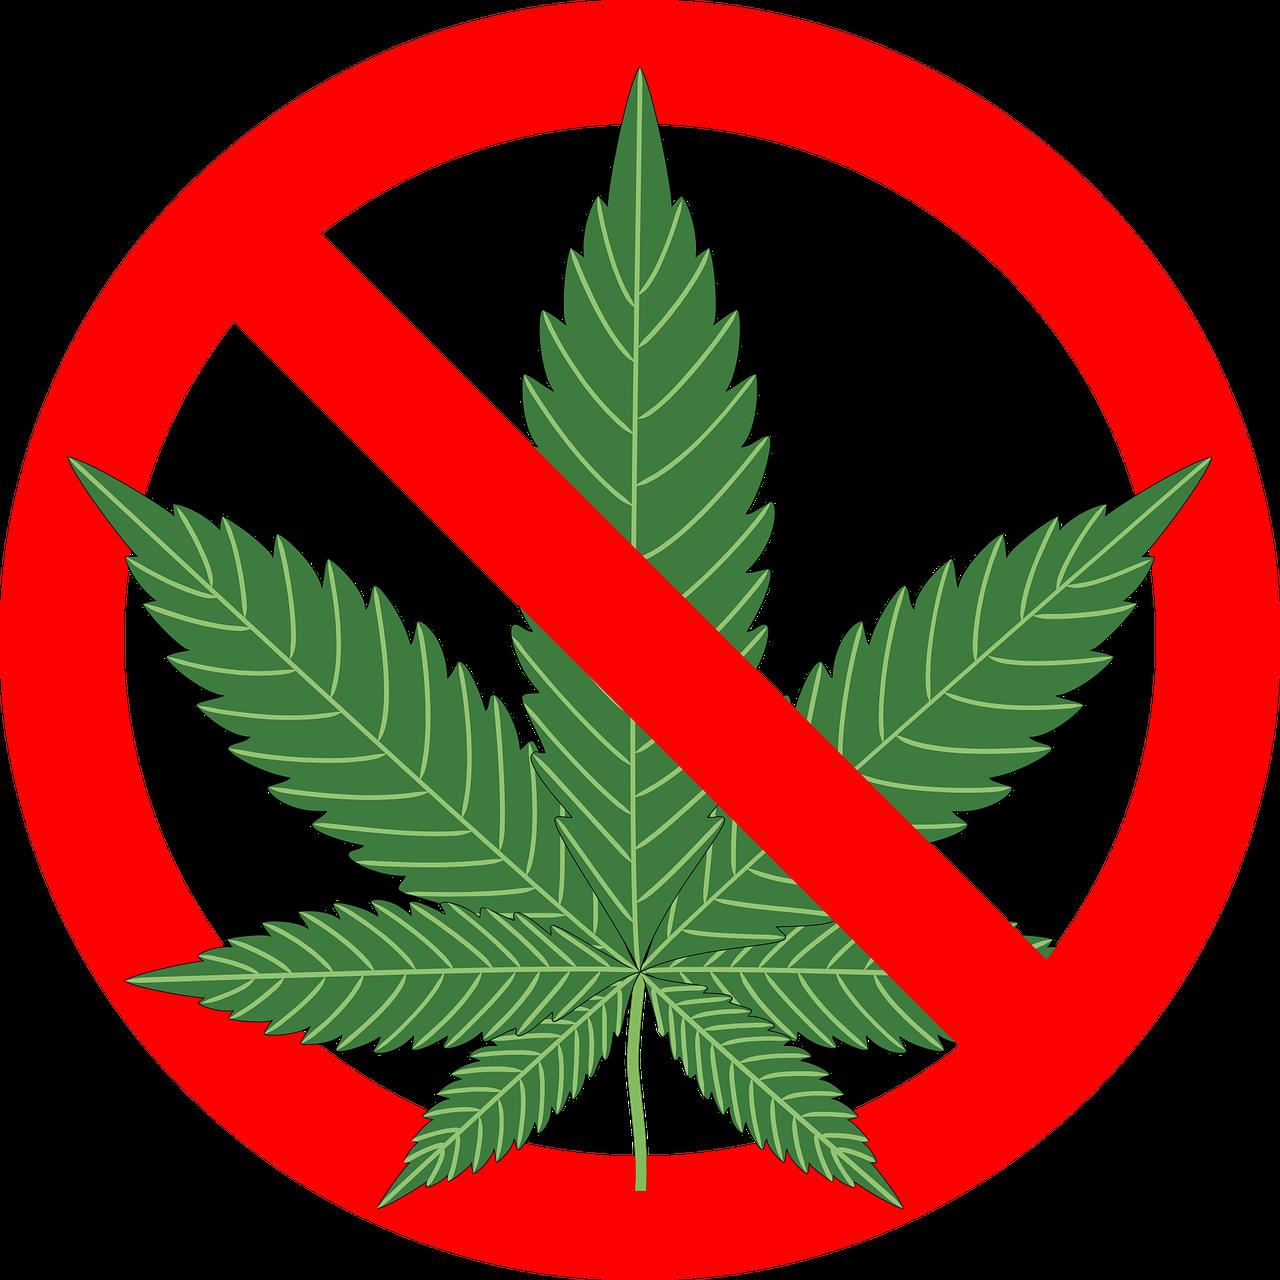 Нет наркотикам PNG